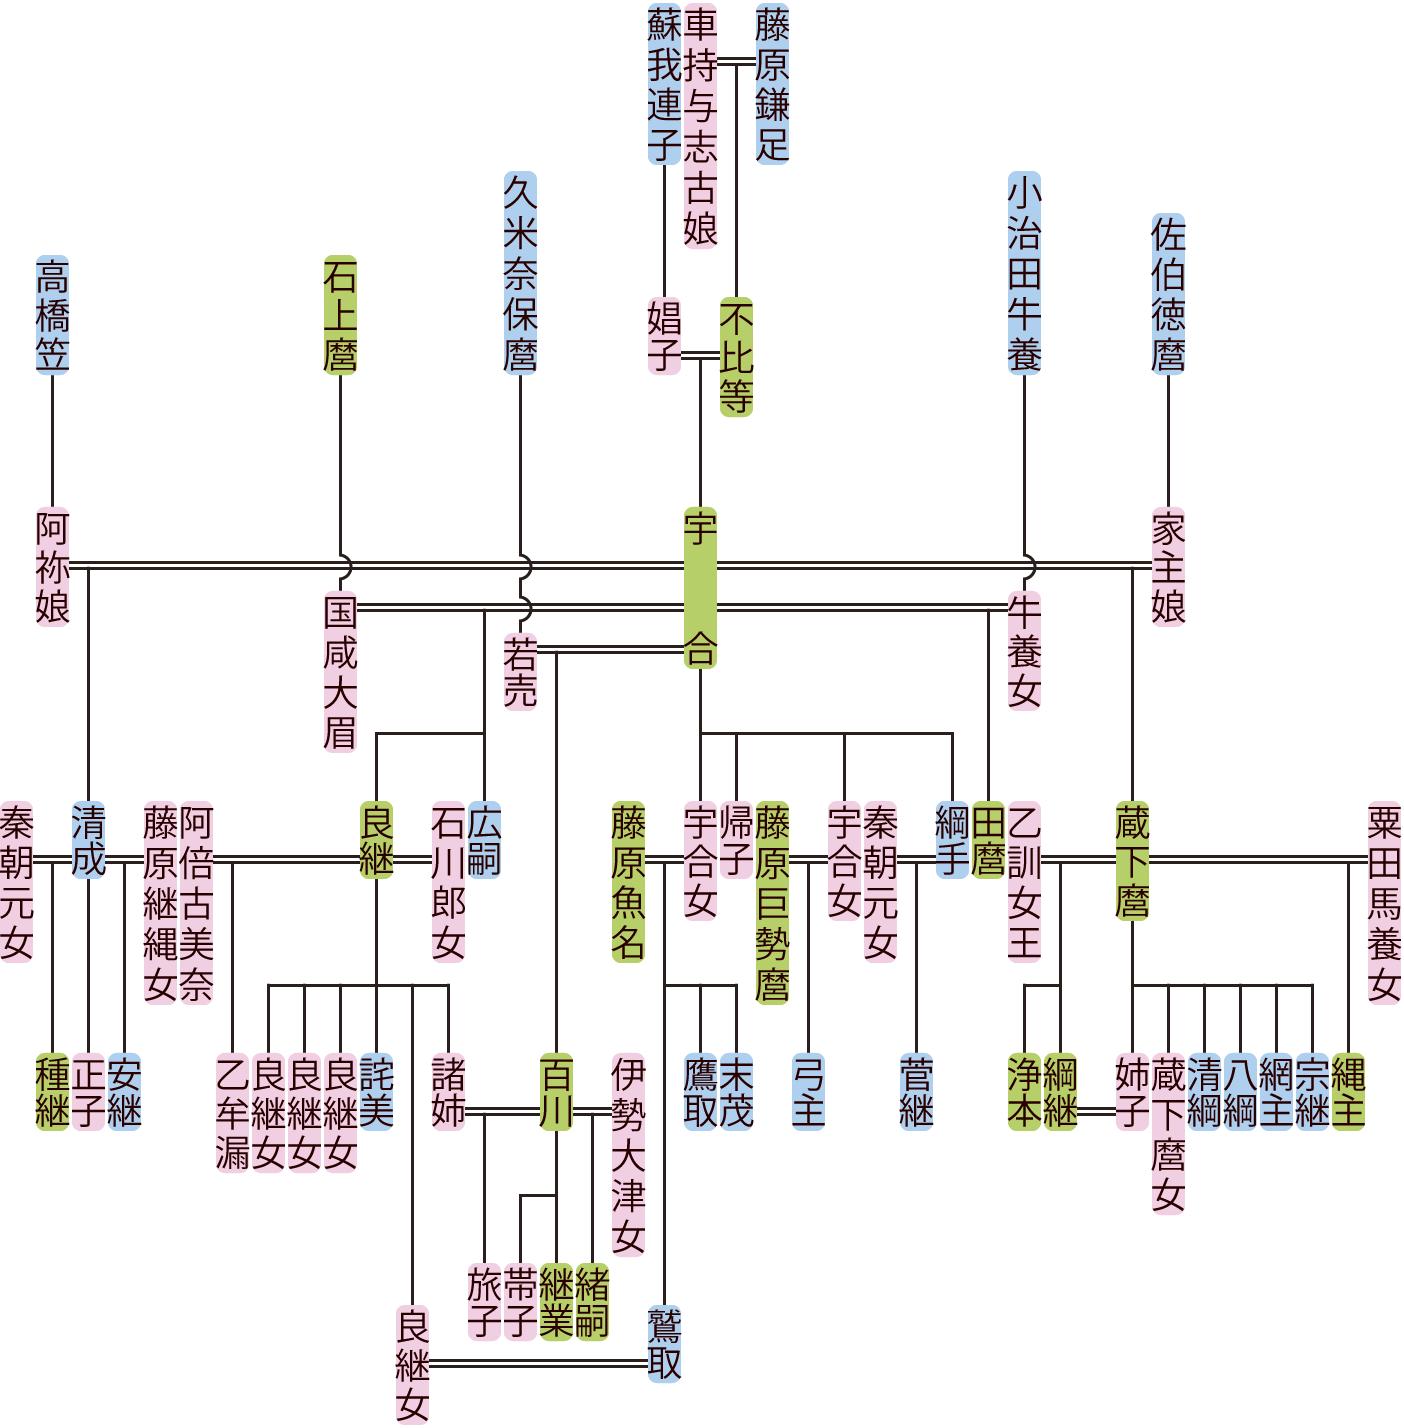 藤原宇合の系図